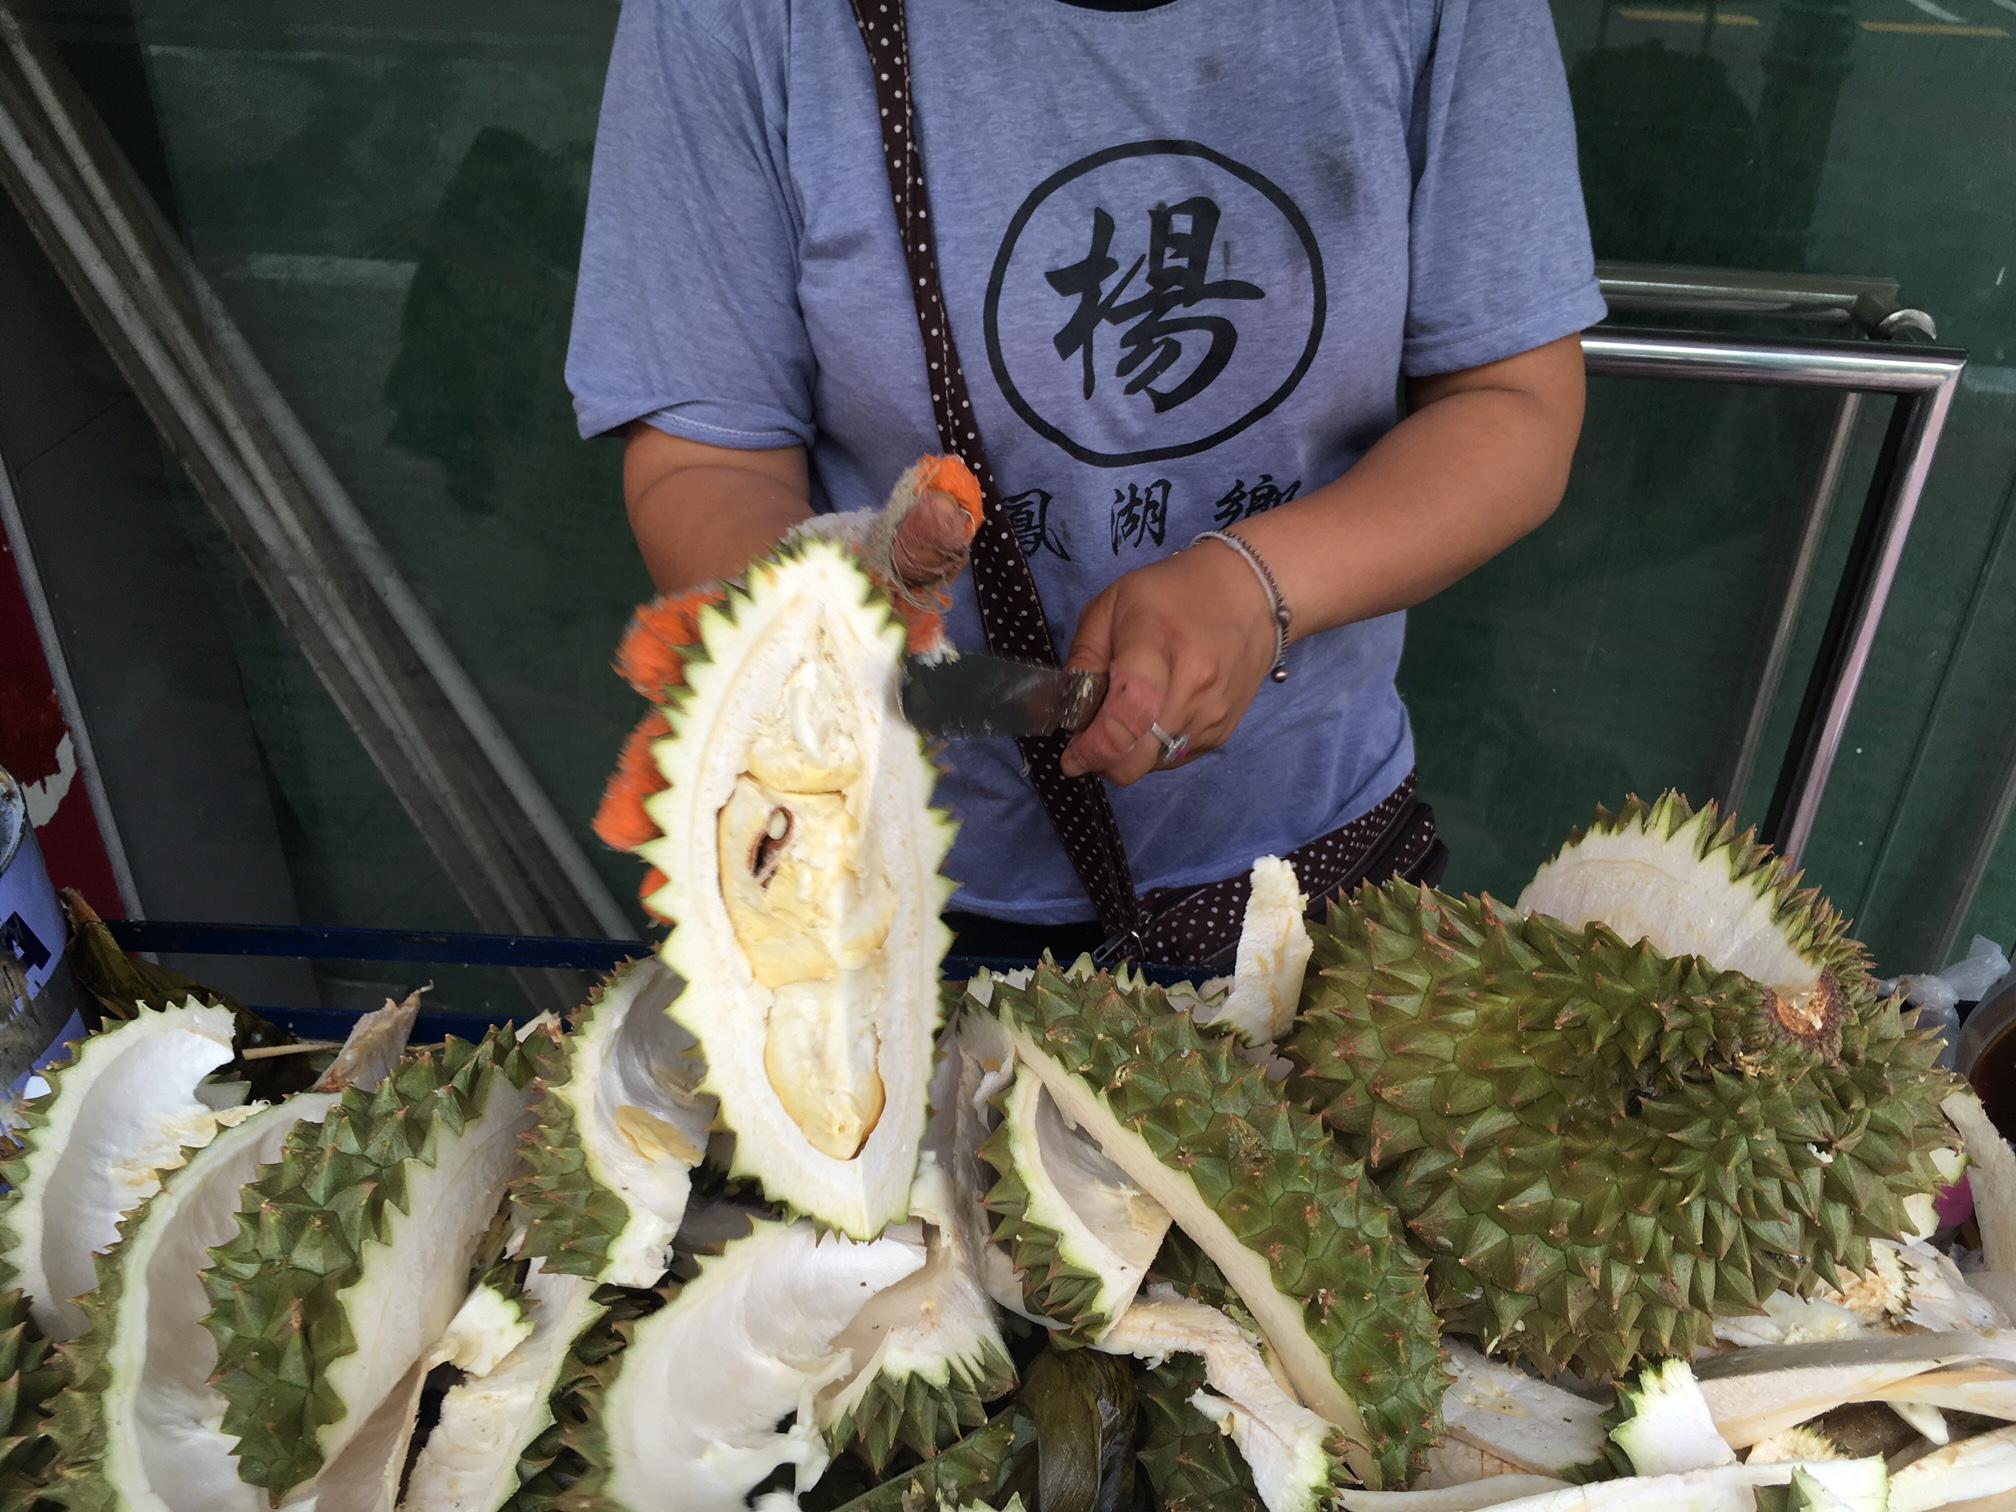 Questa gentile signora sta per consegnarmi la mia prima fetta d durian, il 're di tutti i frutti' famoso per essere tra i più puzzolenti ed esotici del mondo. Pochi occidentali si azzardano anche solo ad avvicinarcisi e io ho appena speso 70 bath per il privilegio di assaggiarlo. Come sarà?